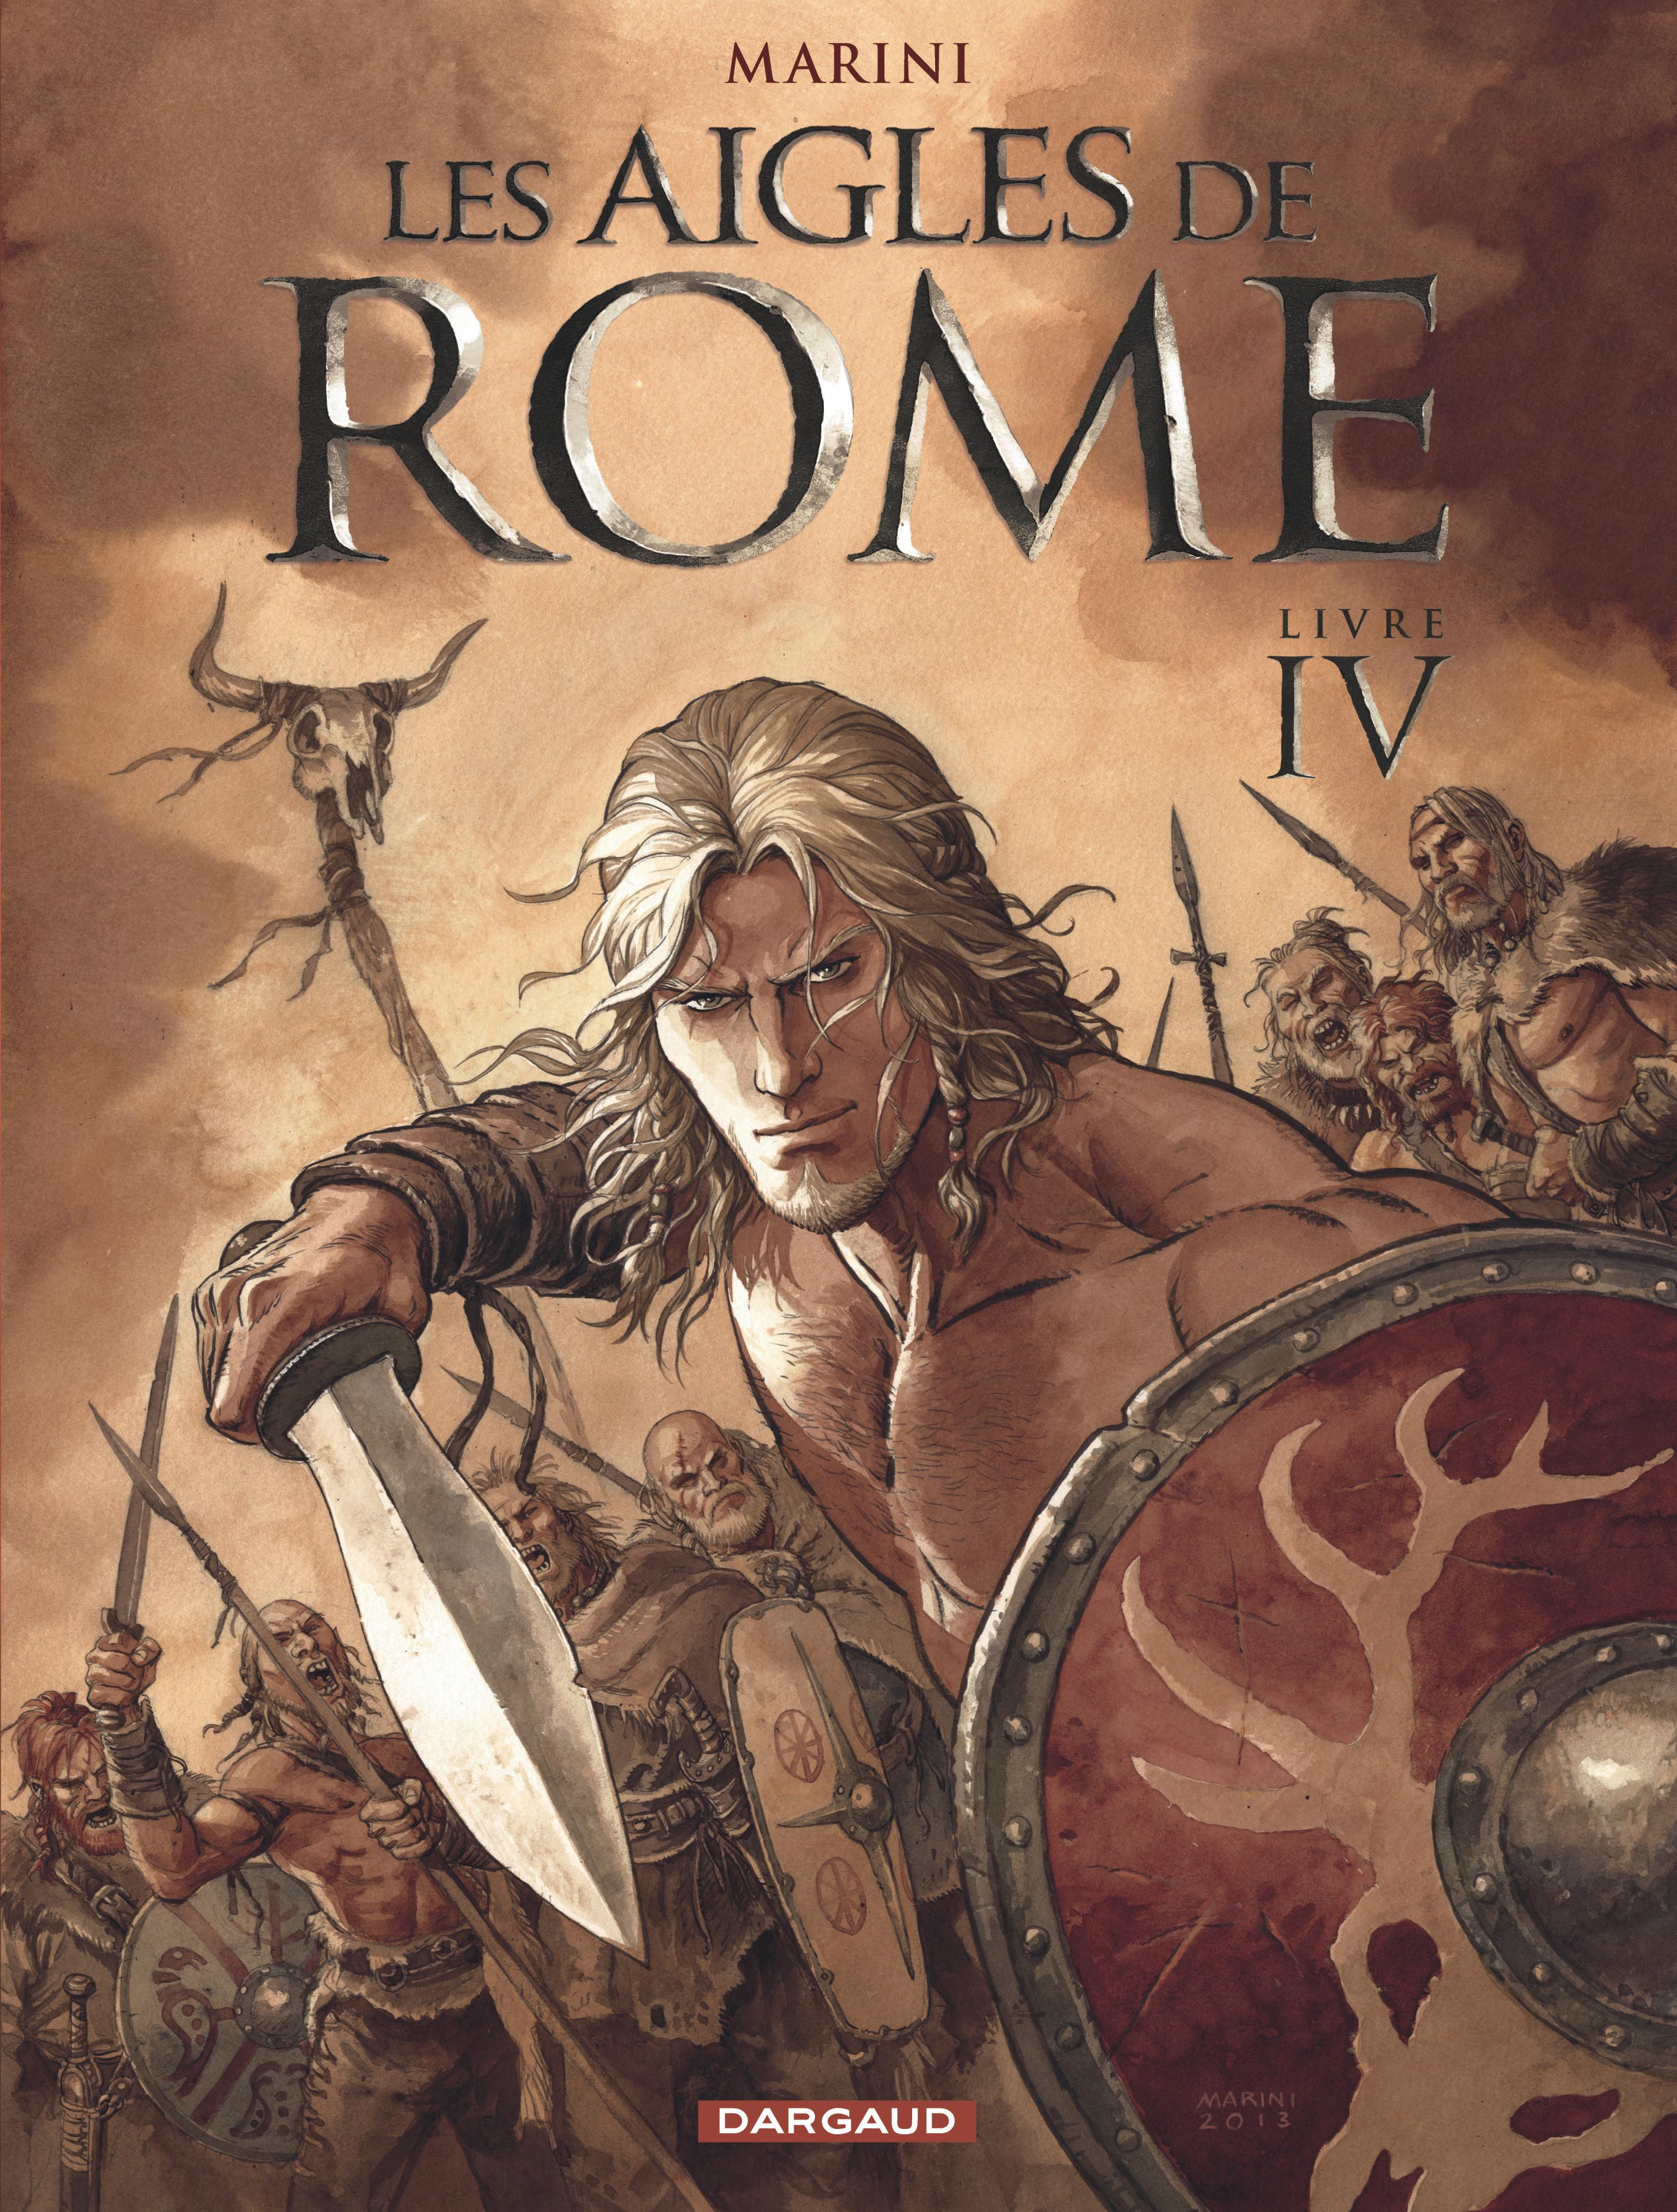 LES AIGLES DE ROME LIVRE IV - T4